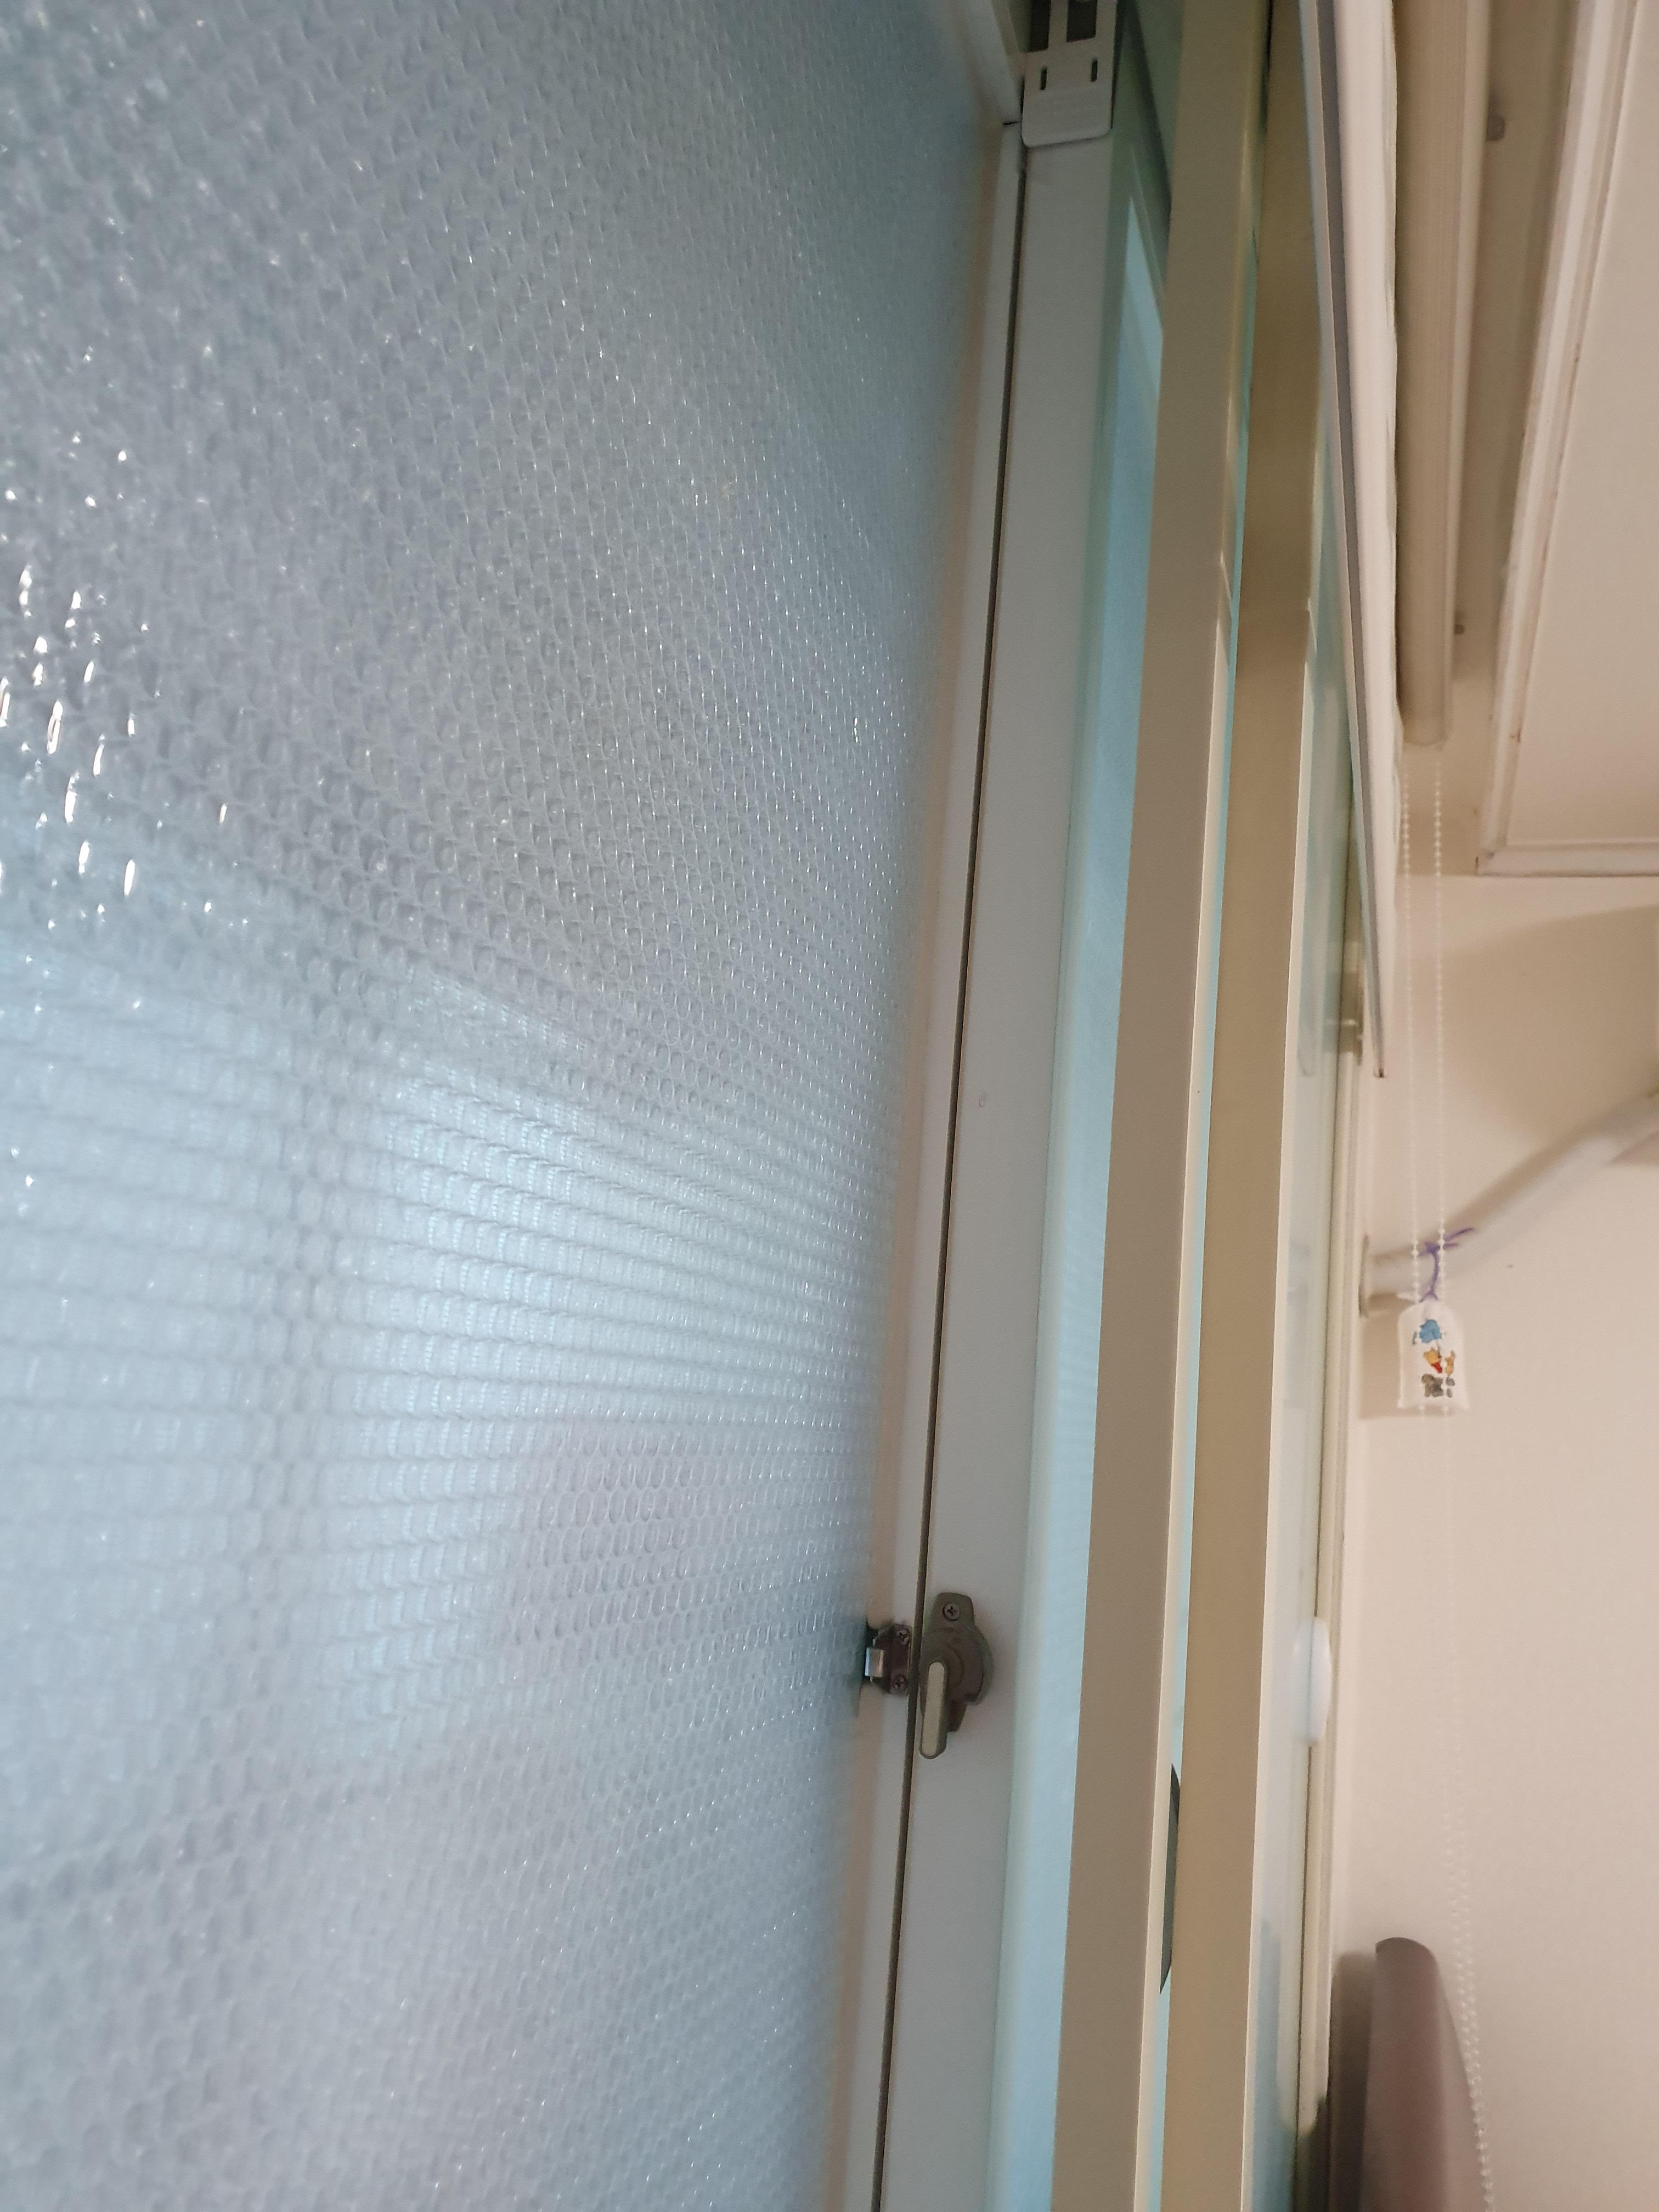 집에 '정 붙이기'(15) : 문틈막이로 문틈 보정하기 - 베란다 창문 문틈이 많이 벌어져 있음을 발견